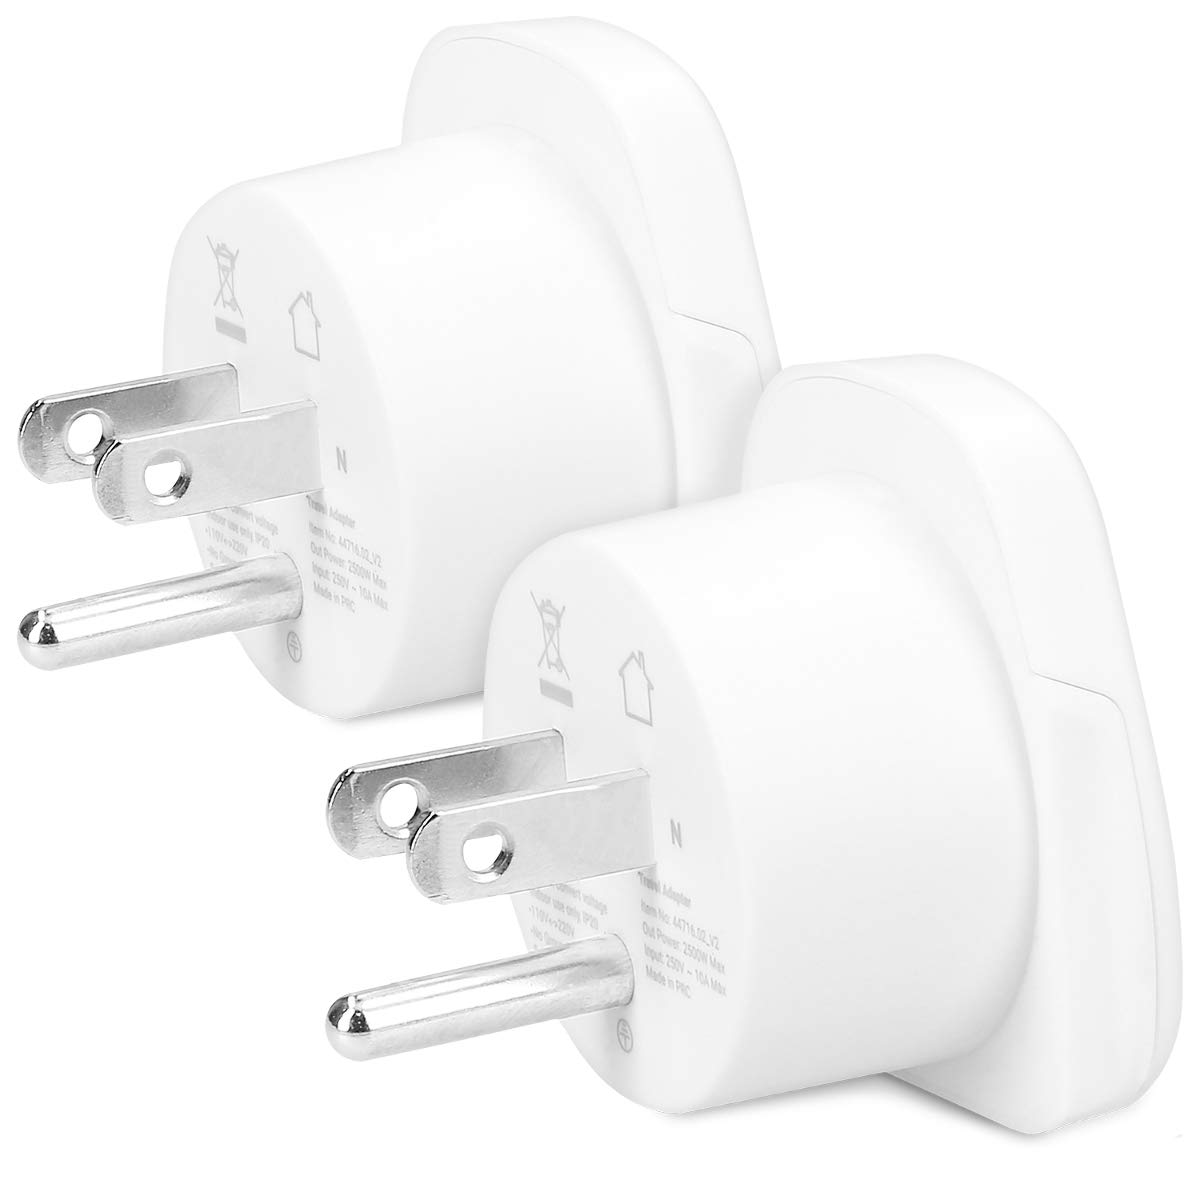 Conector Suiza Conectores de enchufes Color Blanco kwmobile 2 Adaptadores de Viaje Tipo J 2X Adaptador de Enchufe